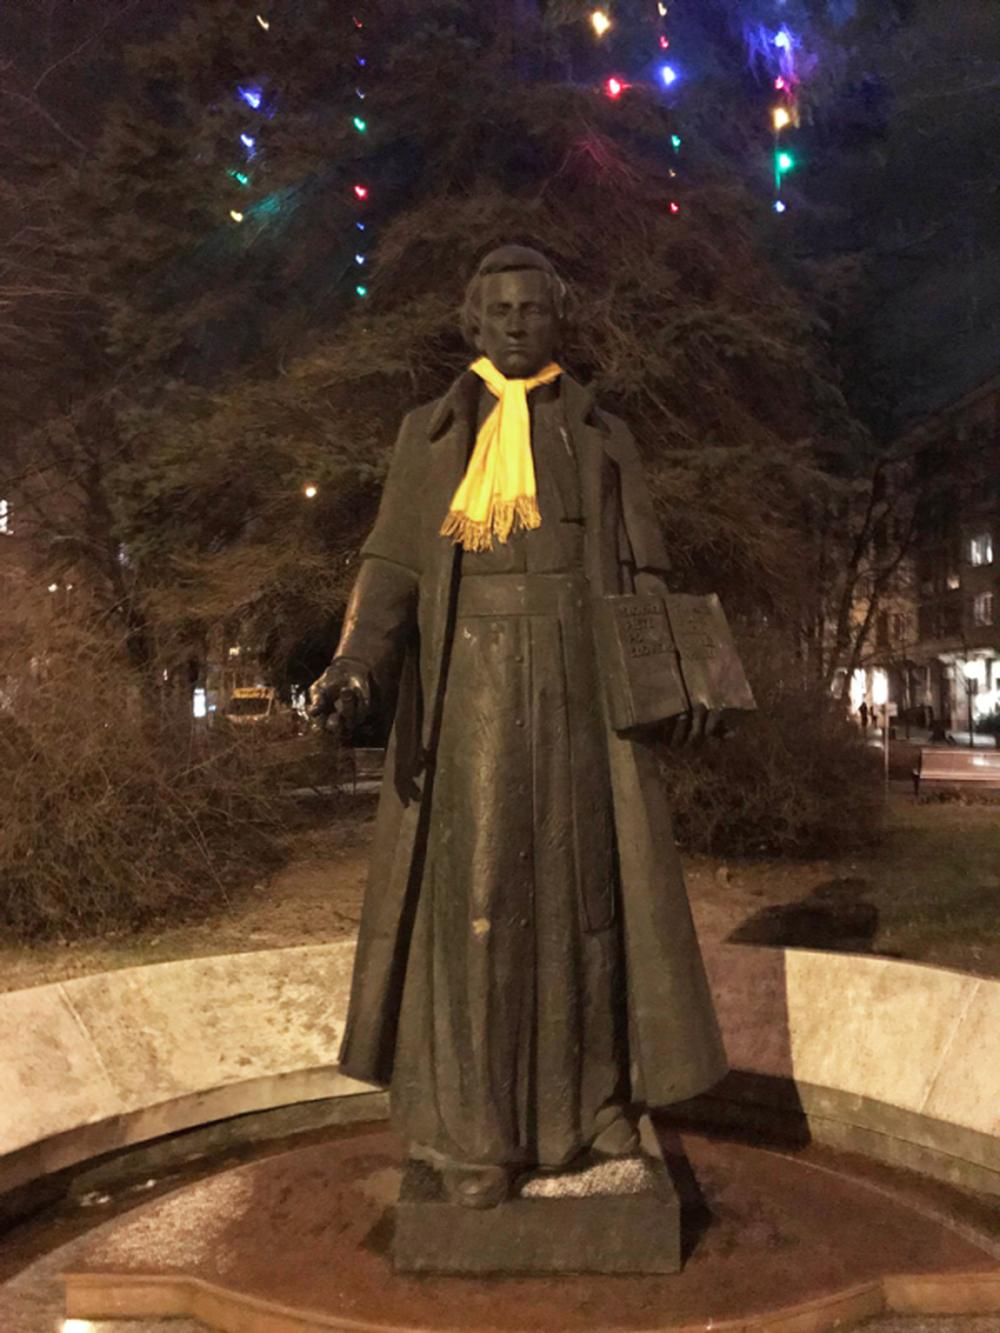 Šály Ruppeldt, Tvrdý a Bernolák 29.12.2016